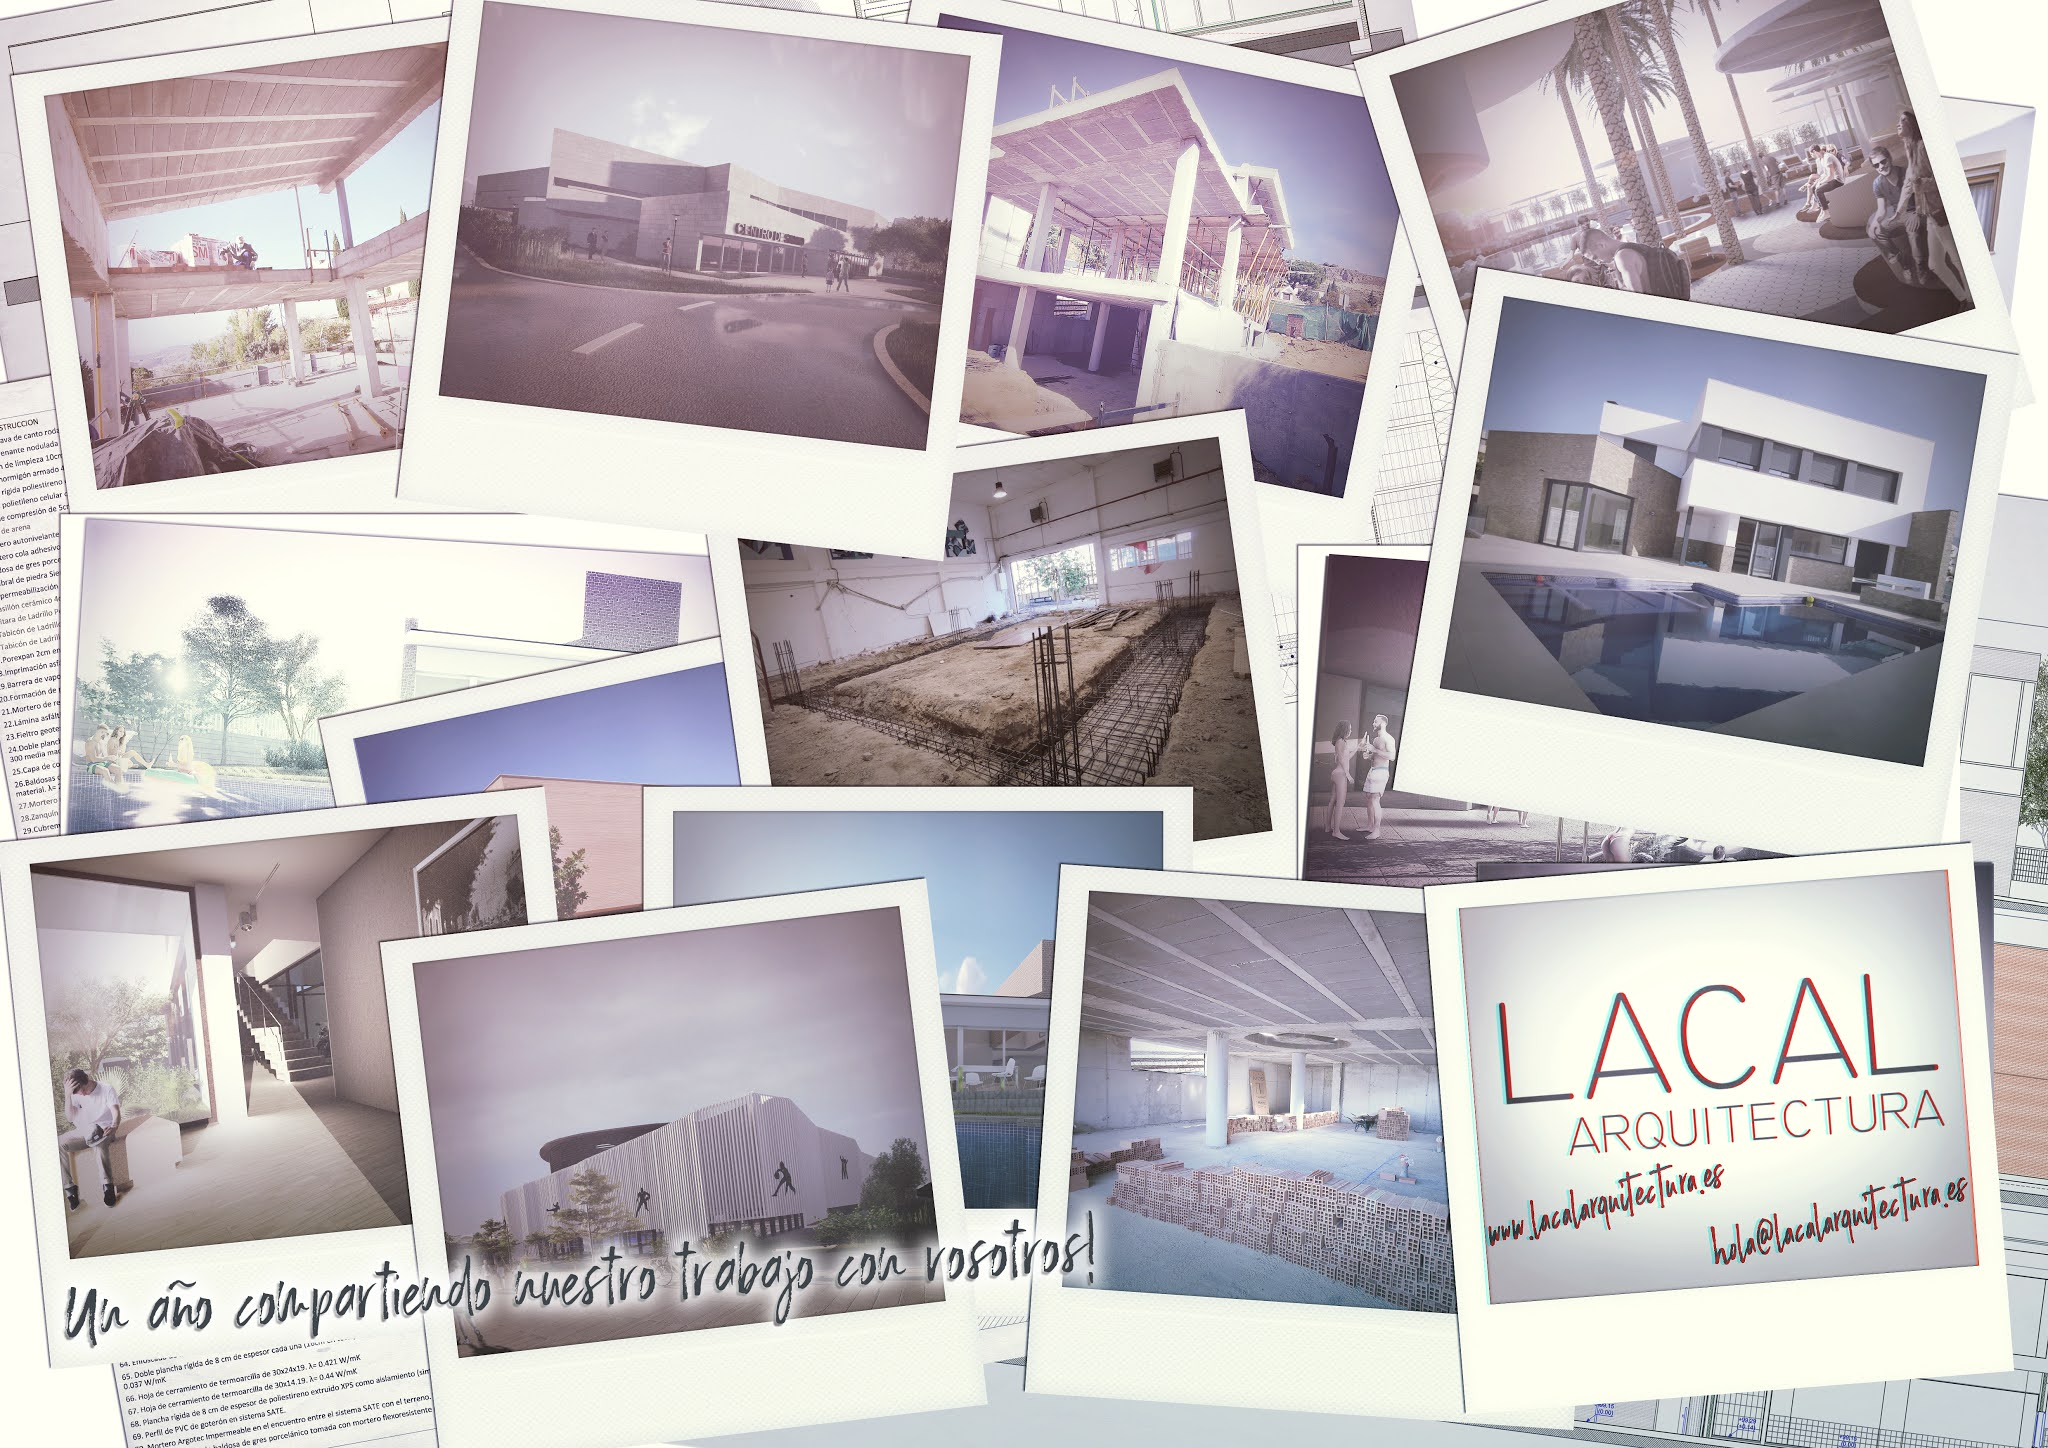 LACAL arquitectura. Arquitectos Granada. Un año compartiendo nuestro trabajo con vosotros. Javier Antonio Ros López, arquitecto. Daniel Cano Expósito, arquitecto.